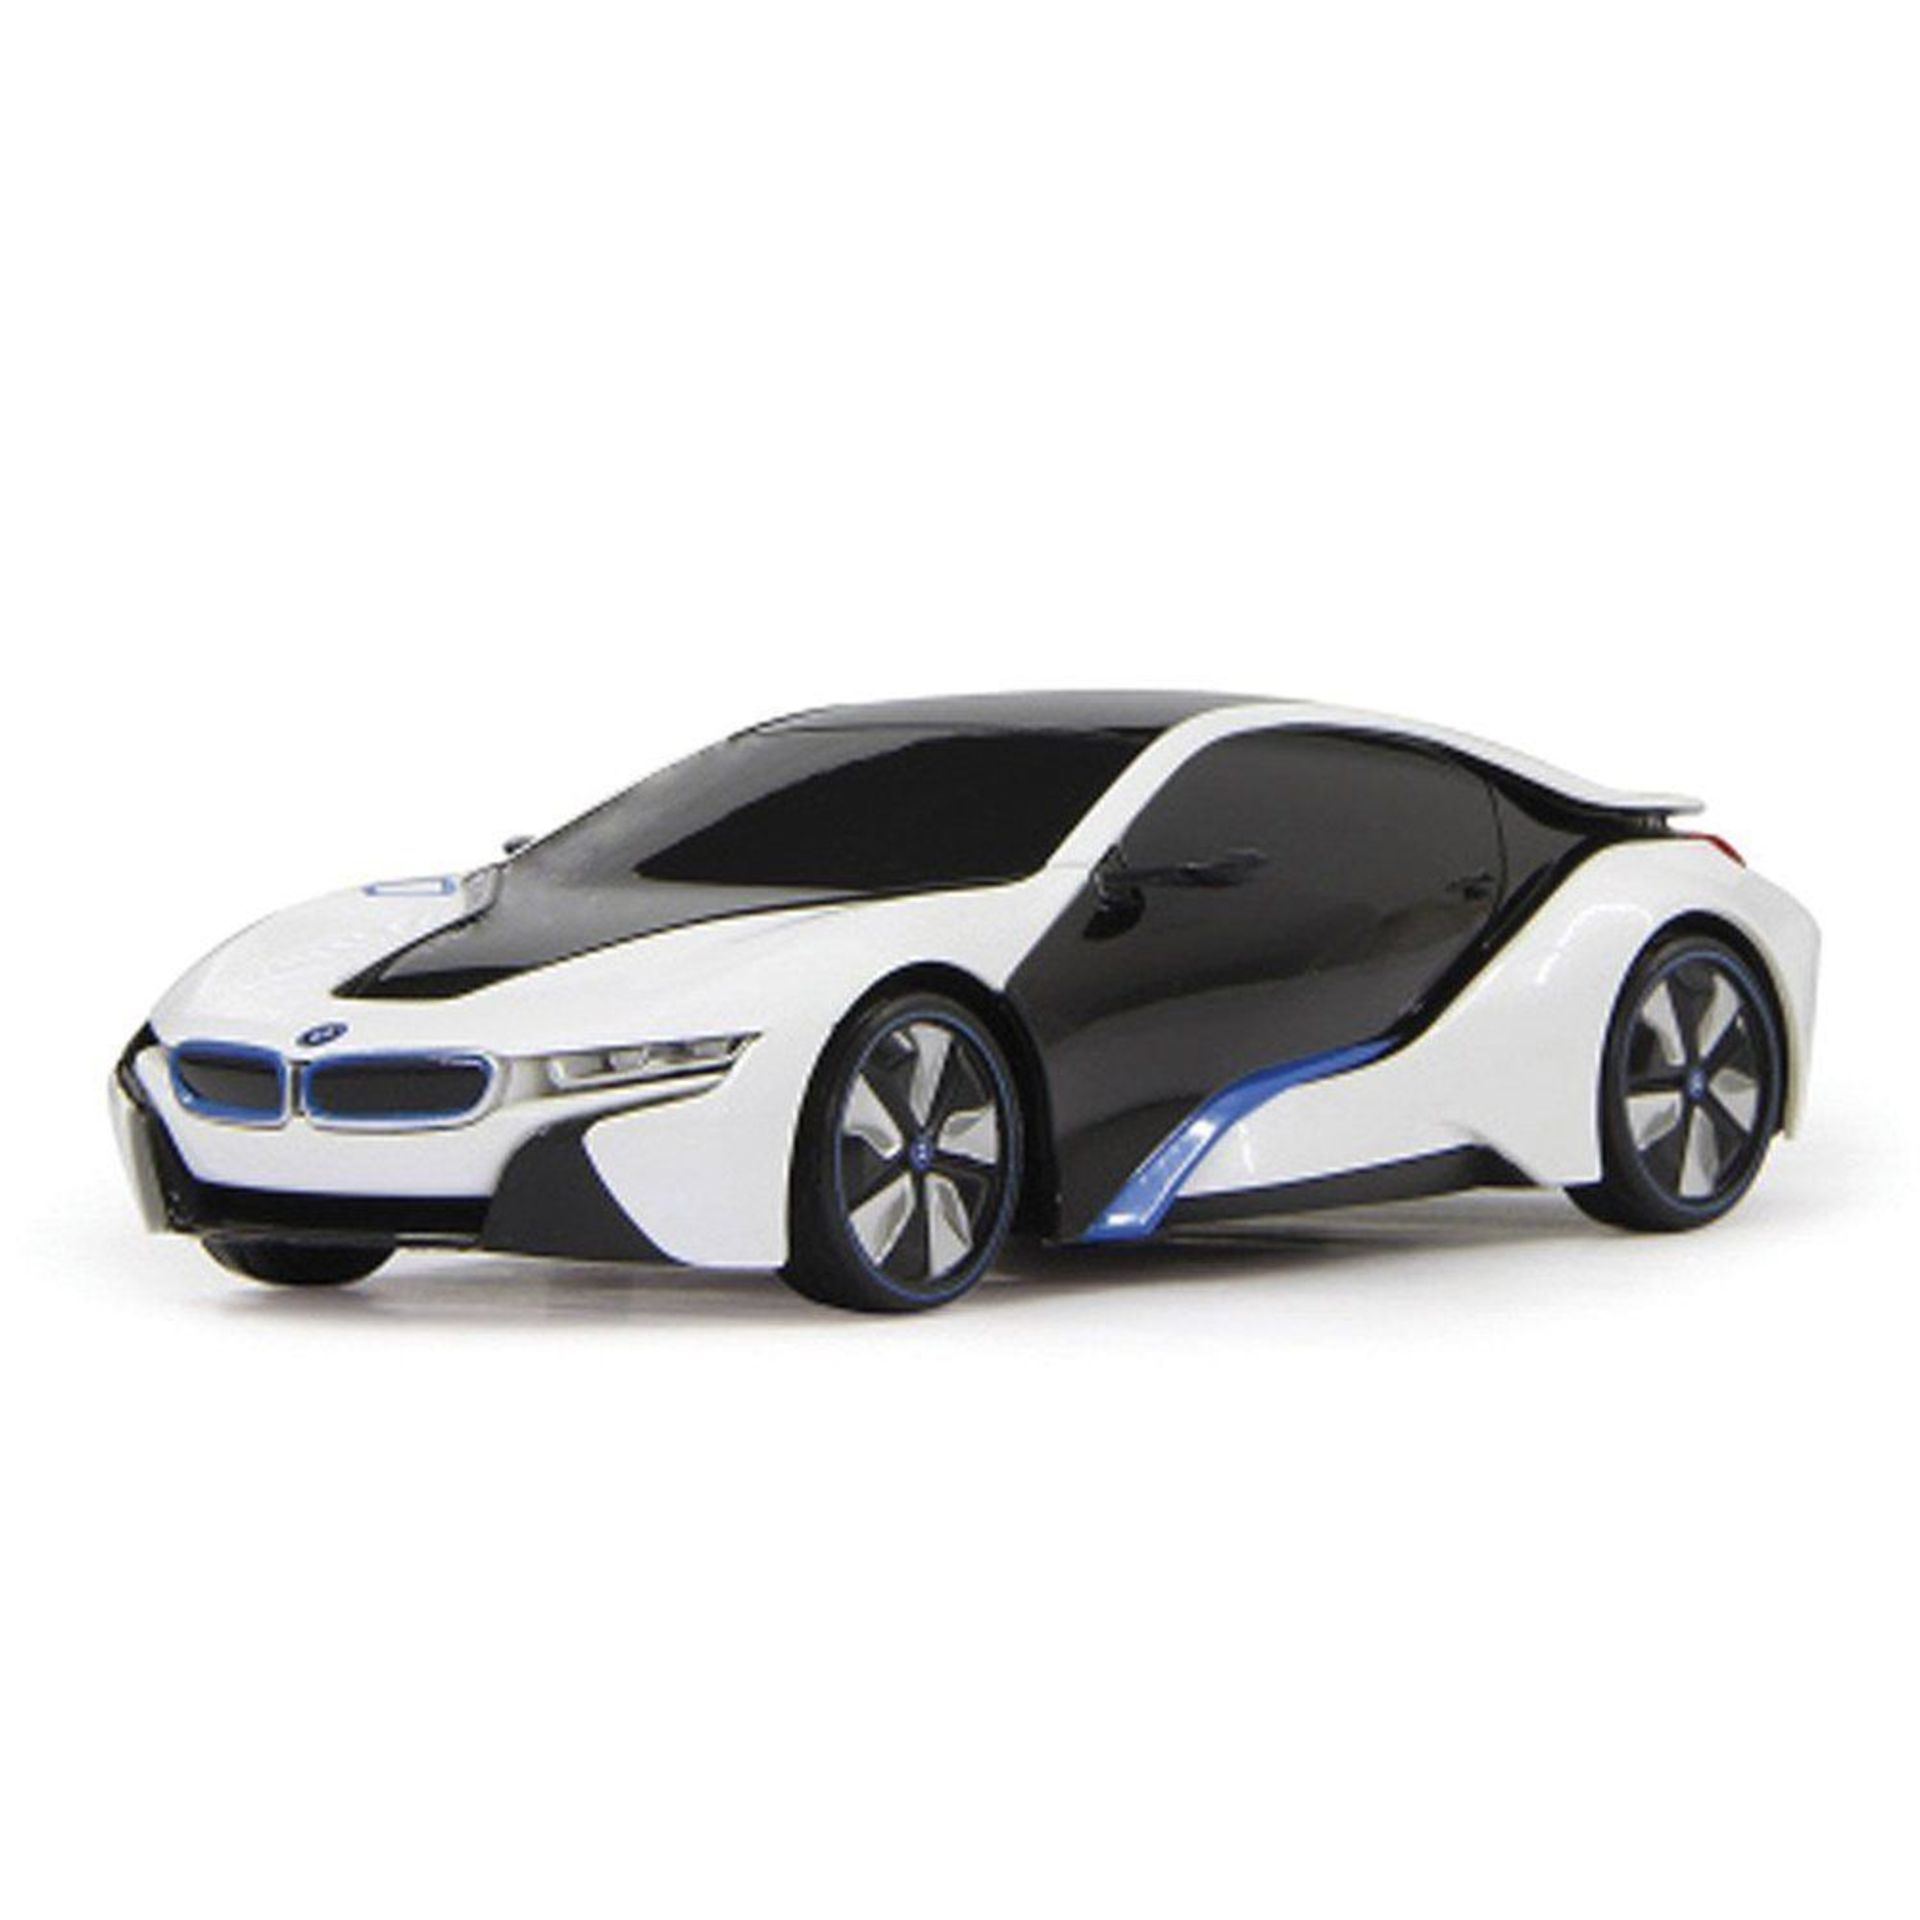 Lot 12409 - V Brand New Officially Licensed R/C 1:24 BMW I8 - White - eBay Price £41.00